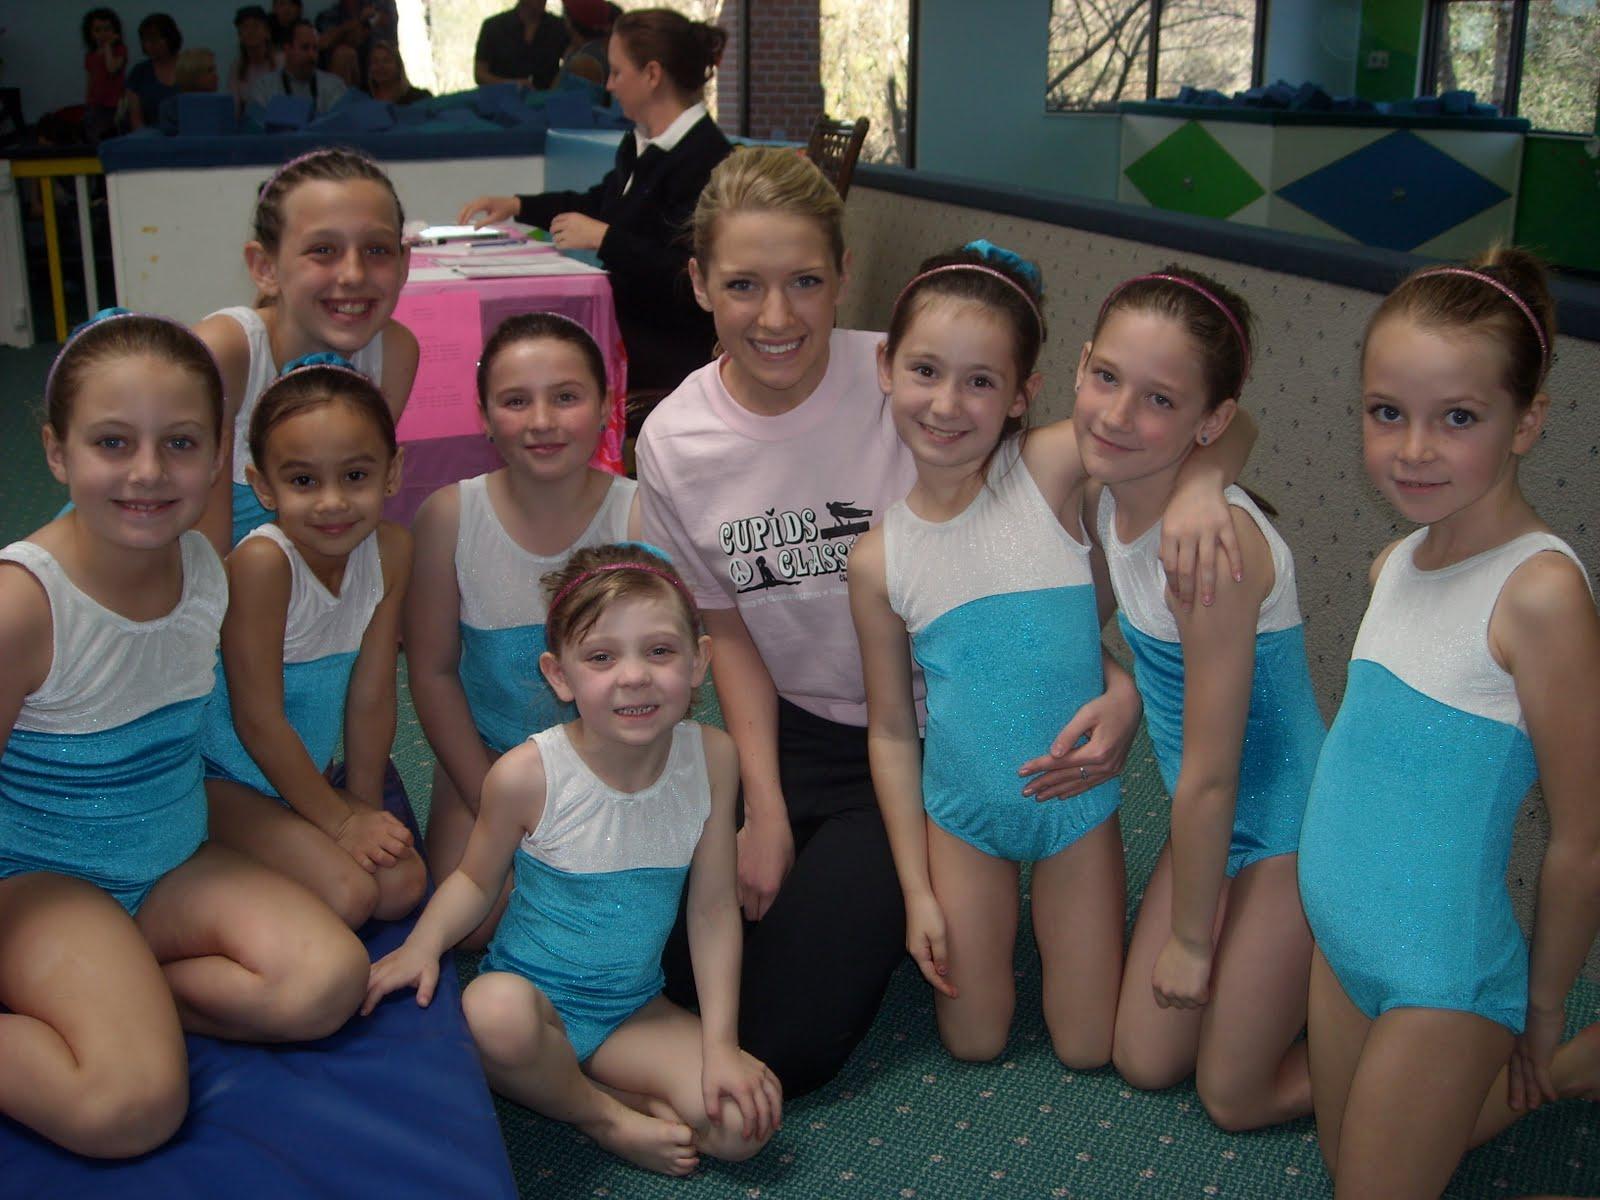 go for it classic gymnastics meet